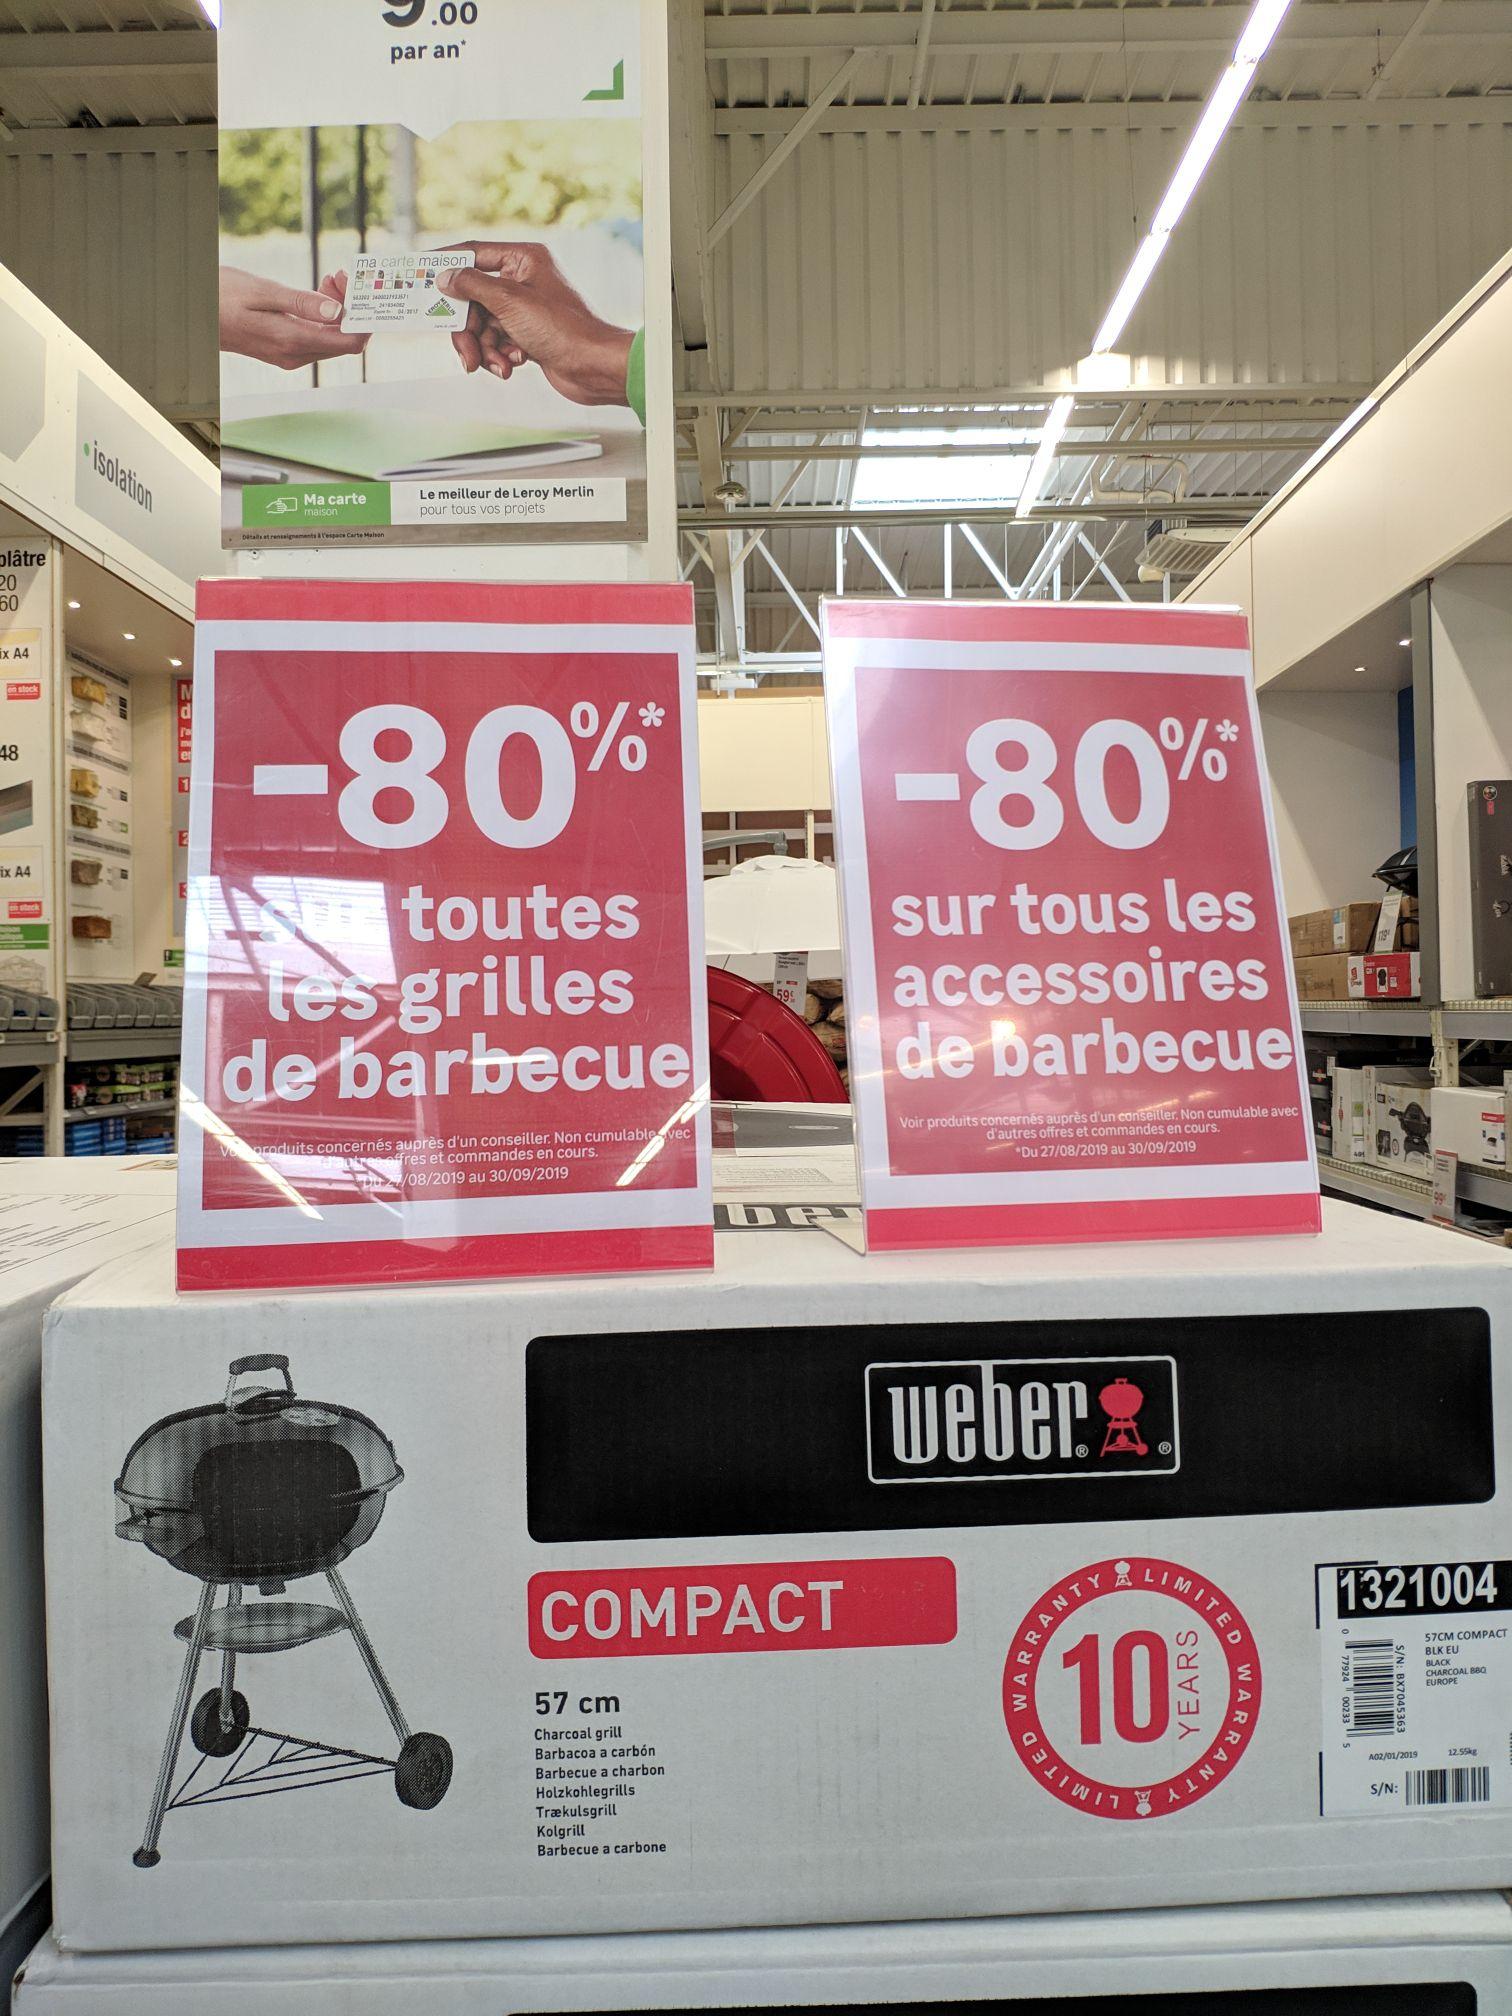 80% de réduction sur une sélection d'accessoires et grilles de barbecue - Ivry-Sur-Seine (94)